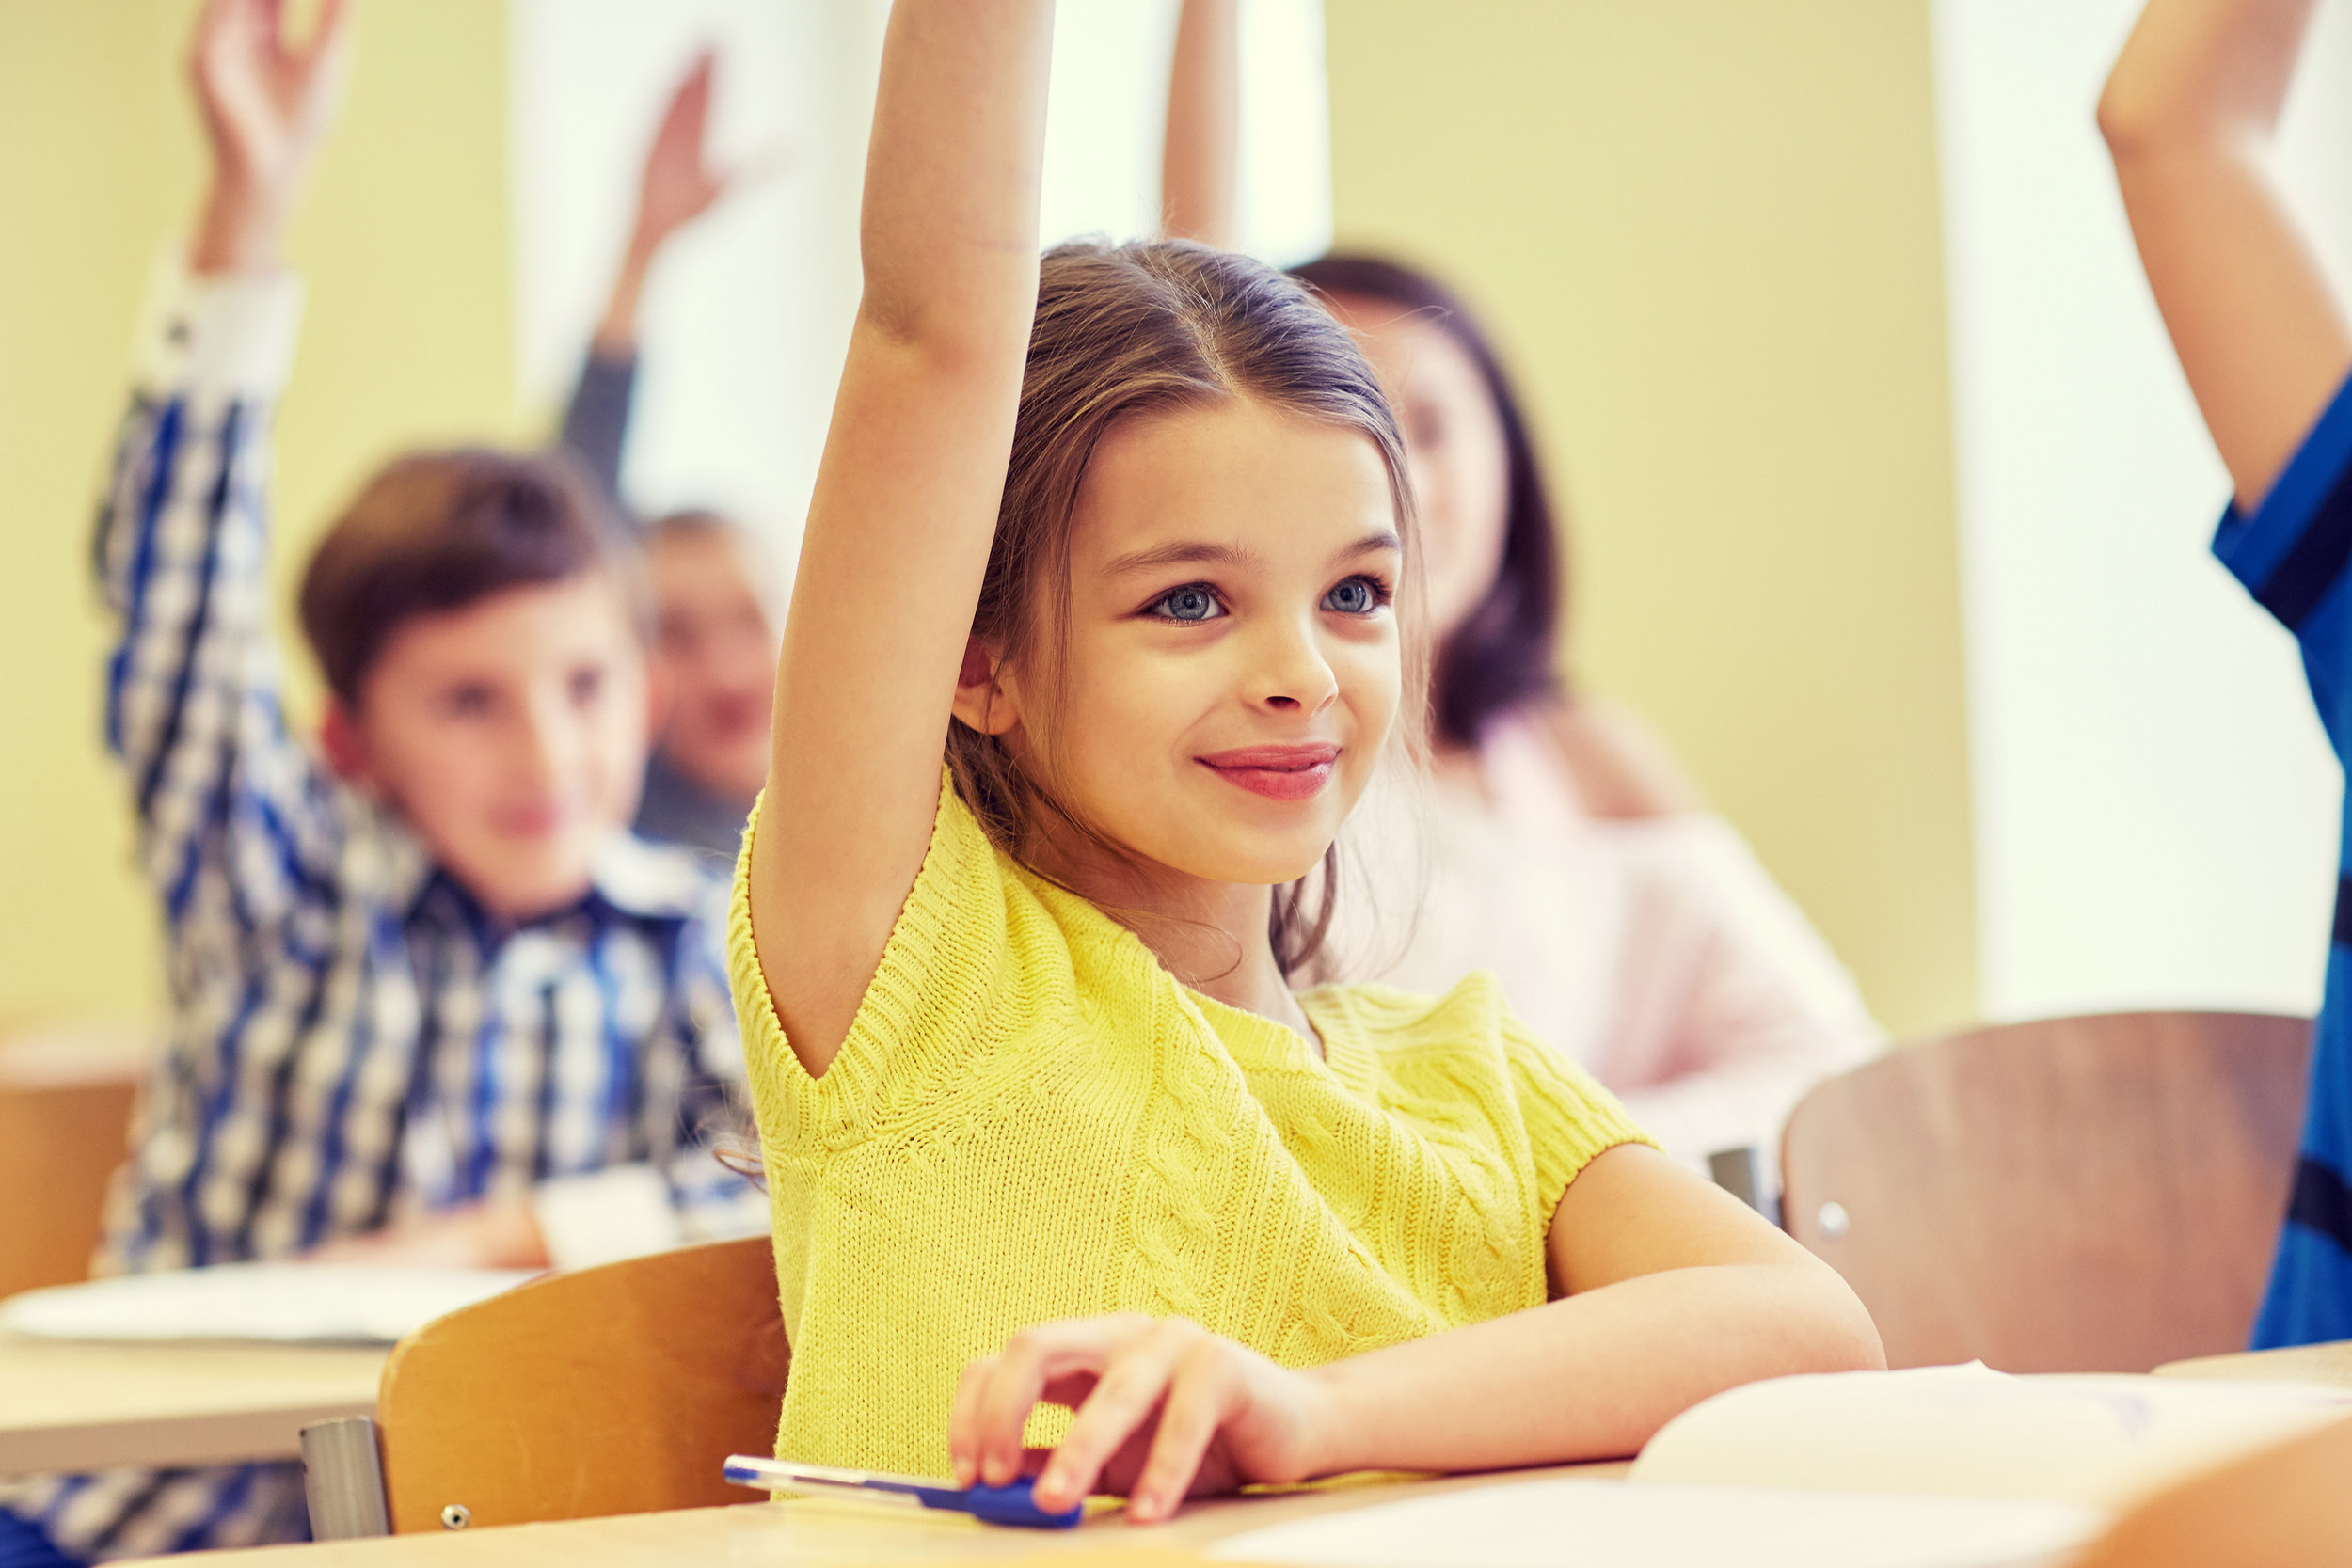 raising hand.jpg